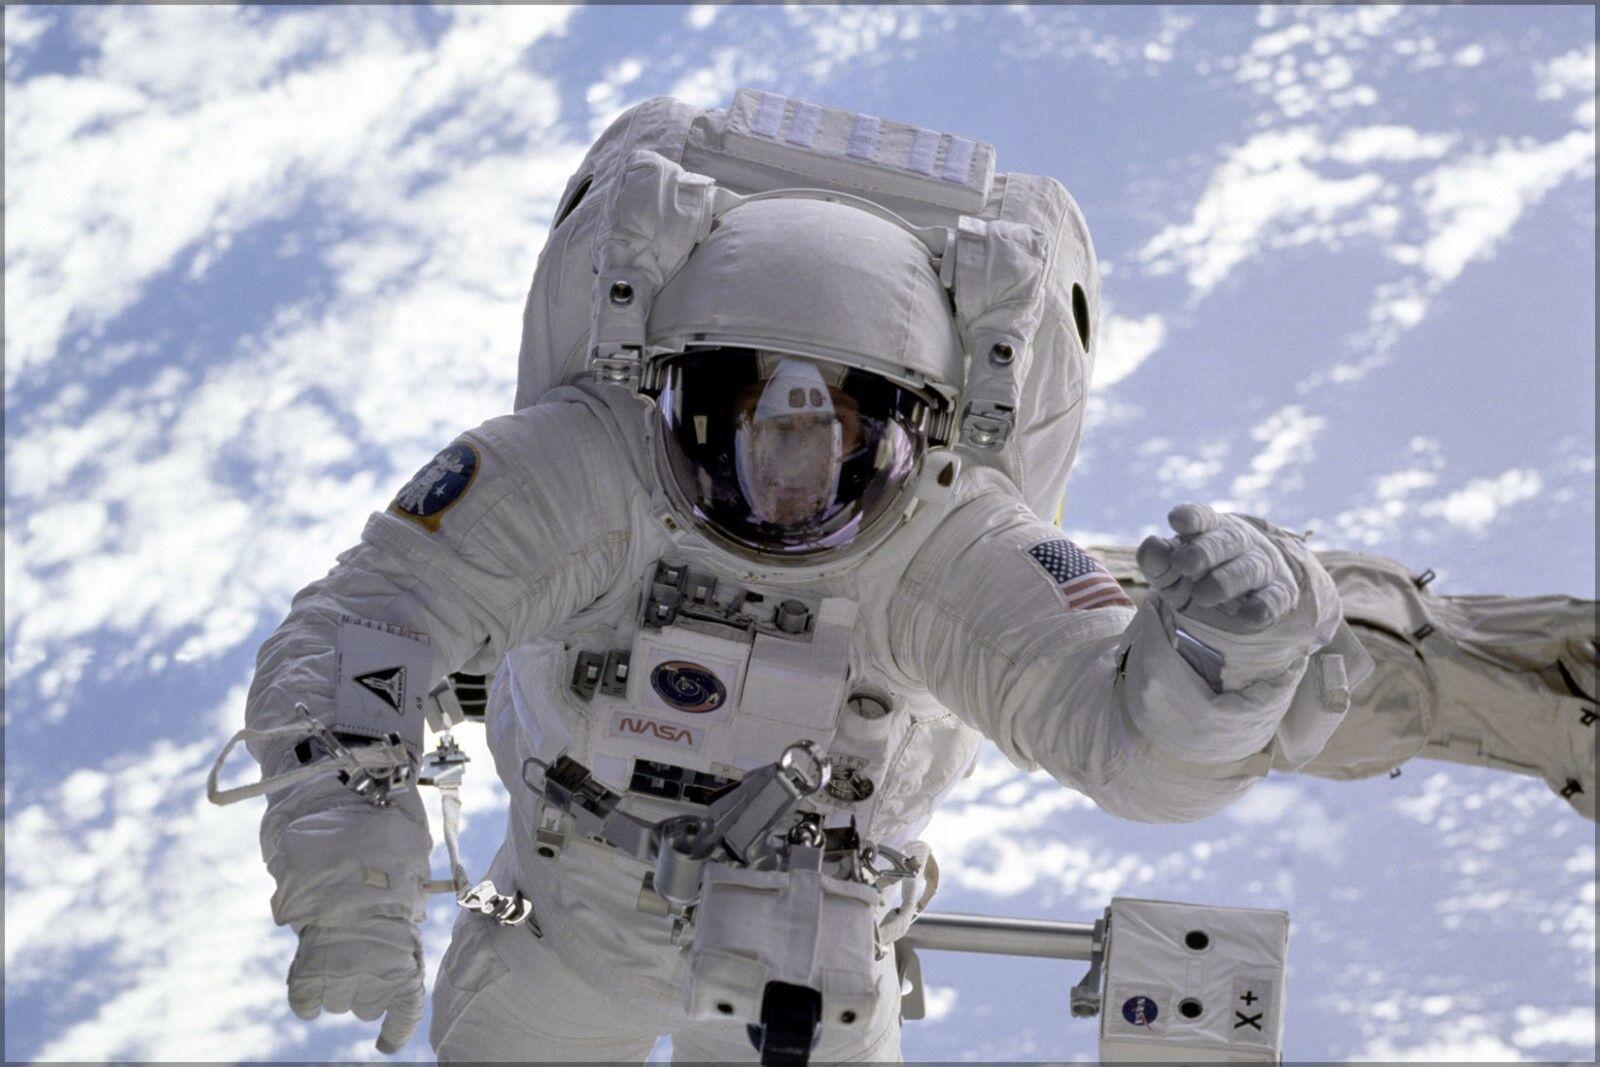 Plakat, Viele Größen; Astronaut Befestigt an Raum Shuttle ENDEAVOUR'S Roboterarm